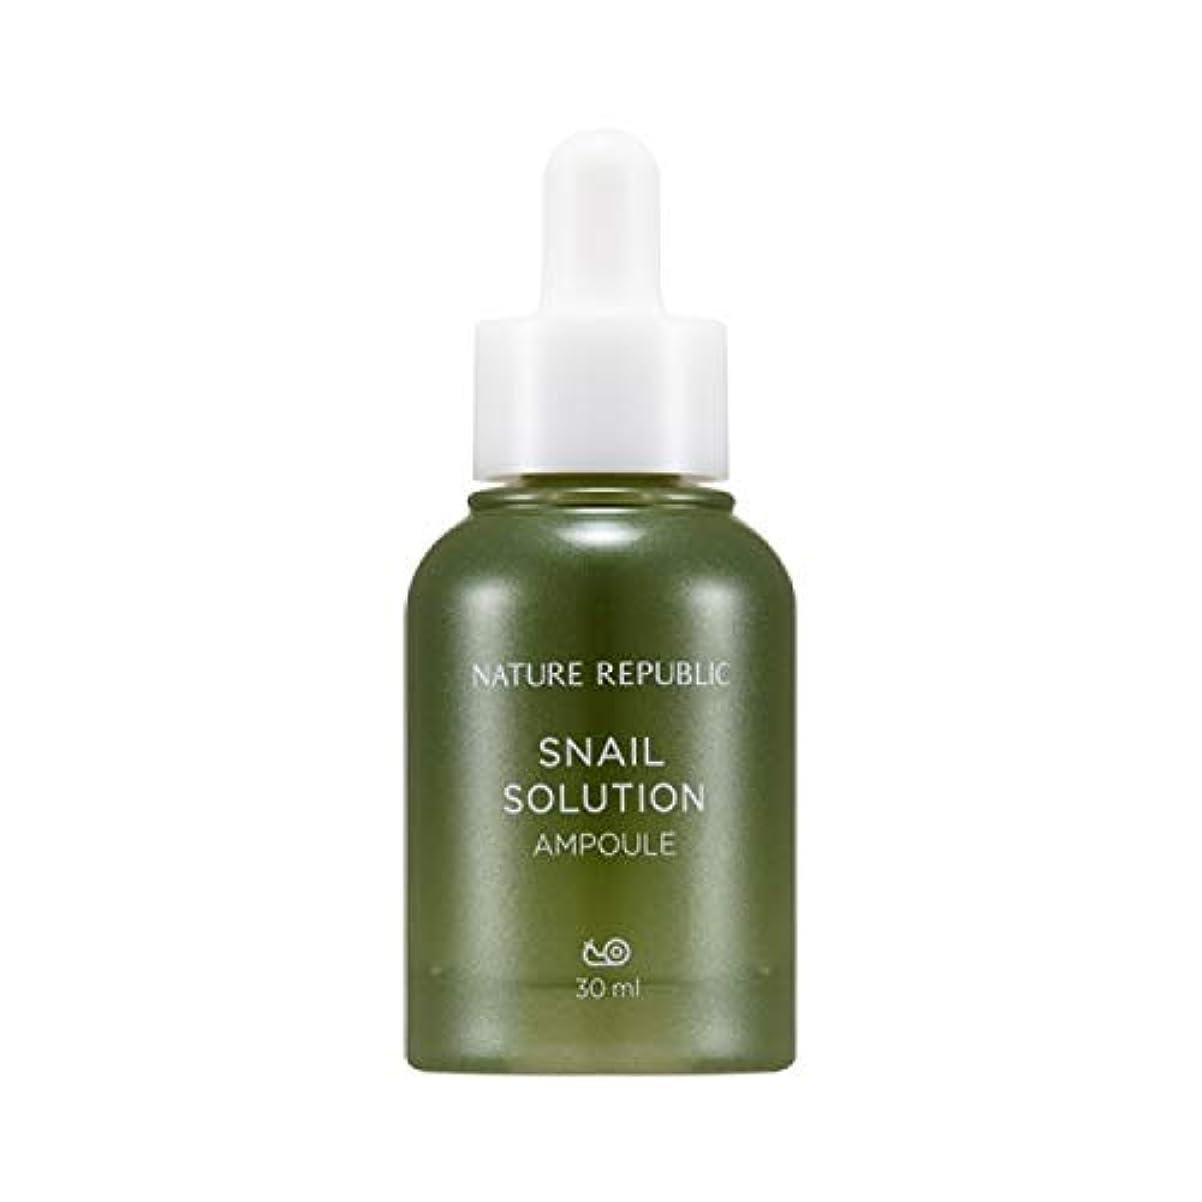 ネイチャーリパブリック(Nature Republic)カタツムリソリューションアンプル 30ml / Snail Solution Ampoule 30ml :: 韓国コスメ [並行輸入品]